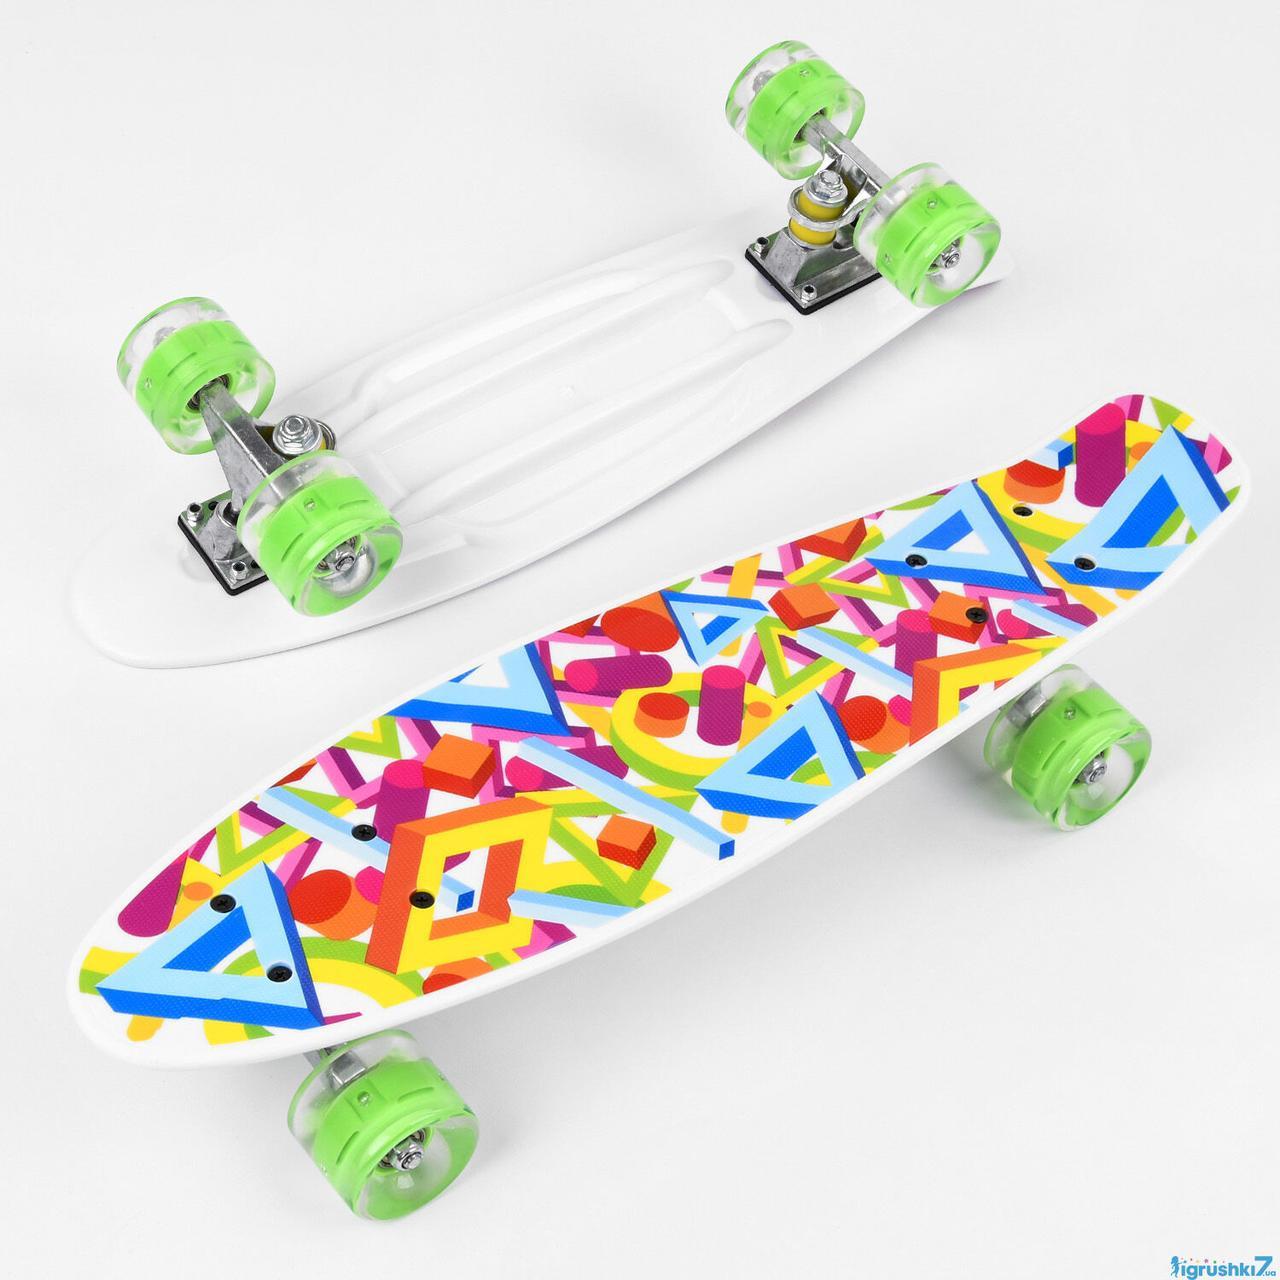 Скейт Пенни борд Р 10765  Best Board, доска=55см, колёса PU, СВЕТЯТСЯ,